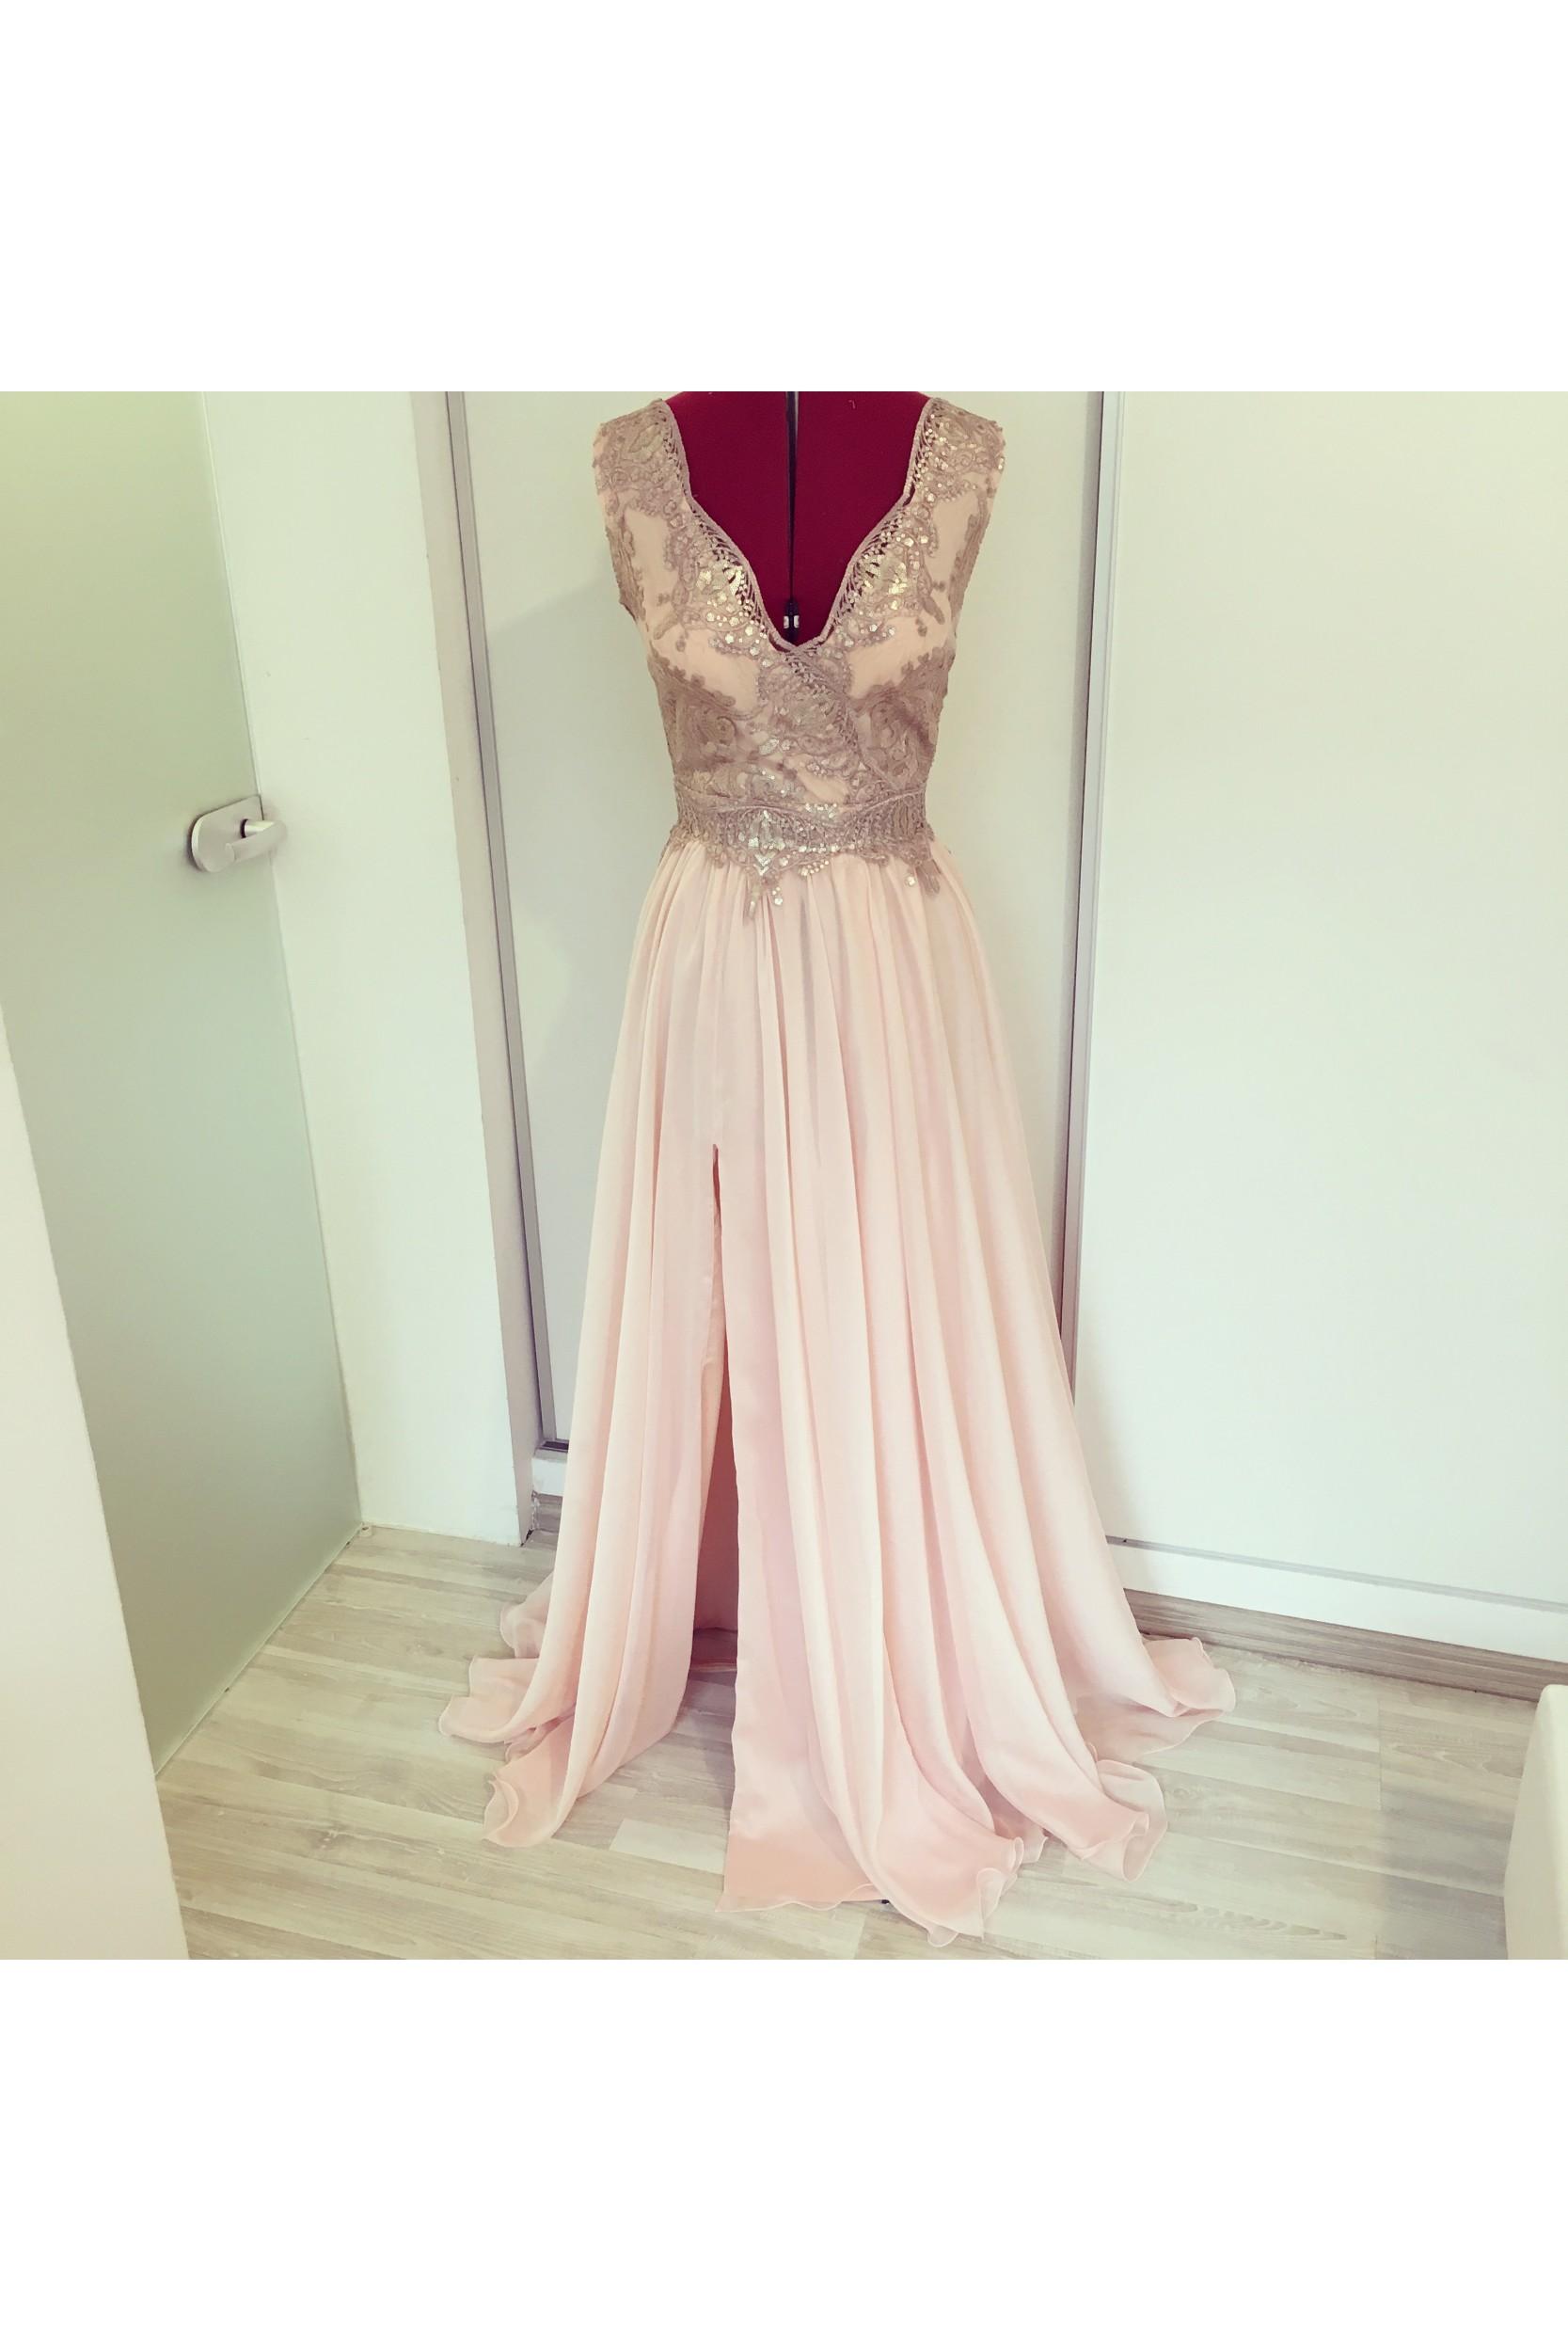 Rochie in clos dublu din voal rose quartz si broderie cu paiete bronz